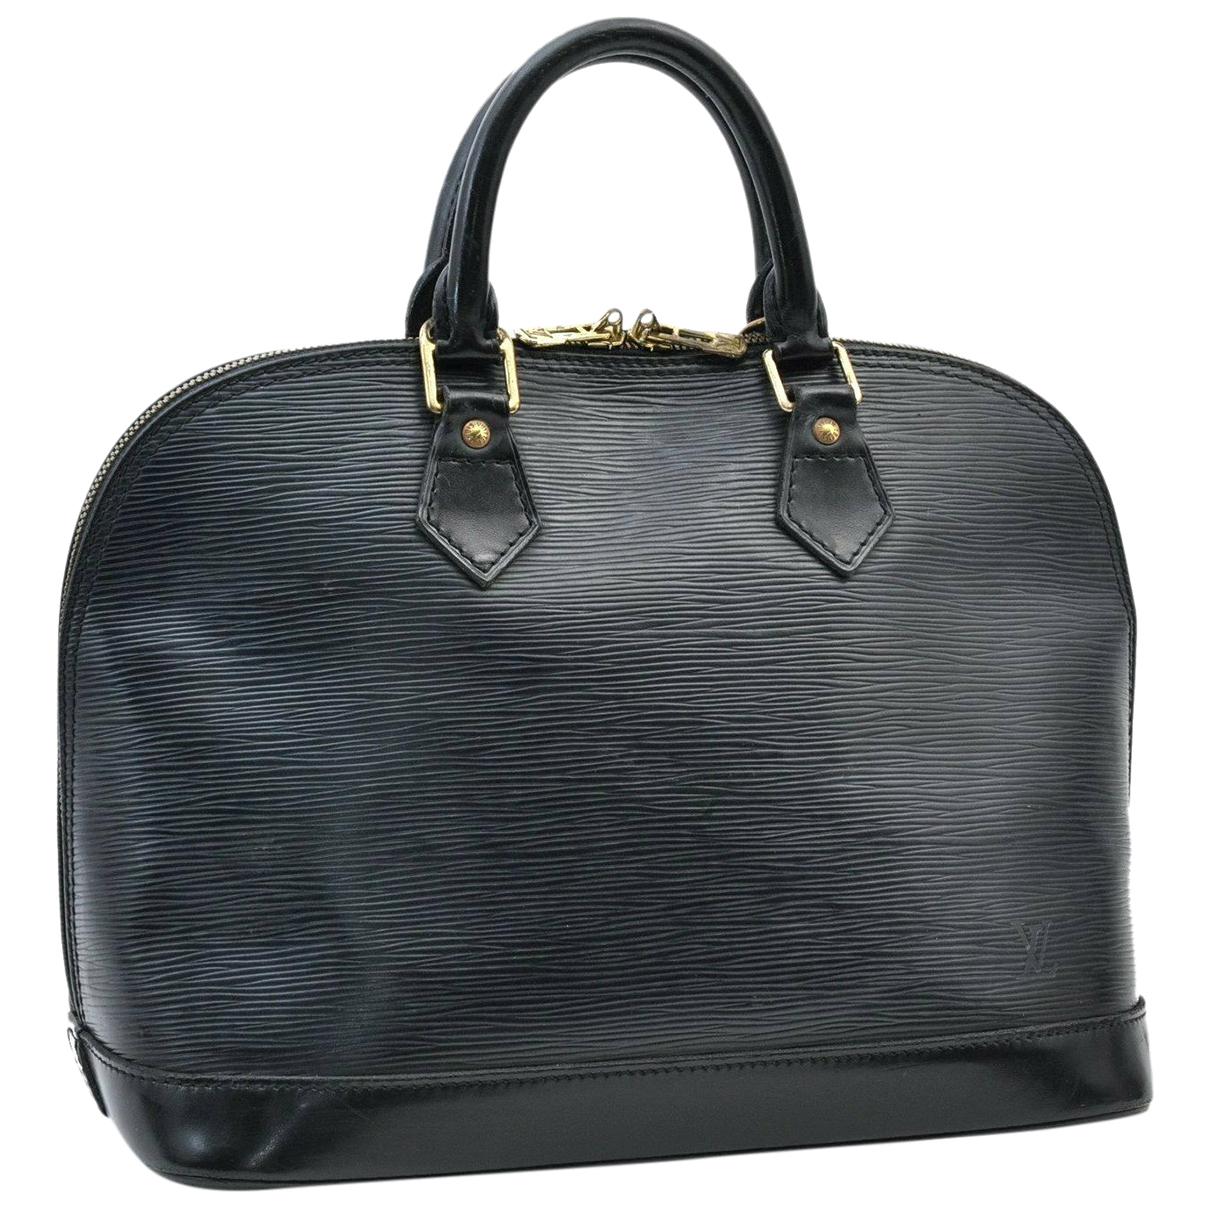 Louis Vuitton Alma Handtasche in  Schwarz Leder